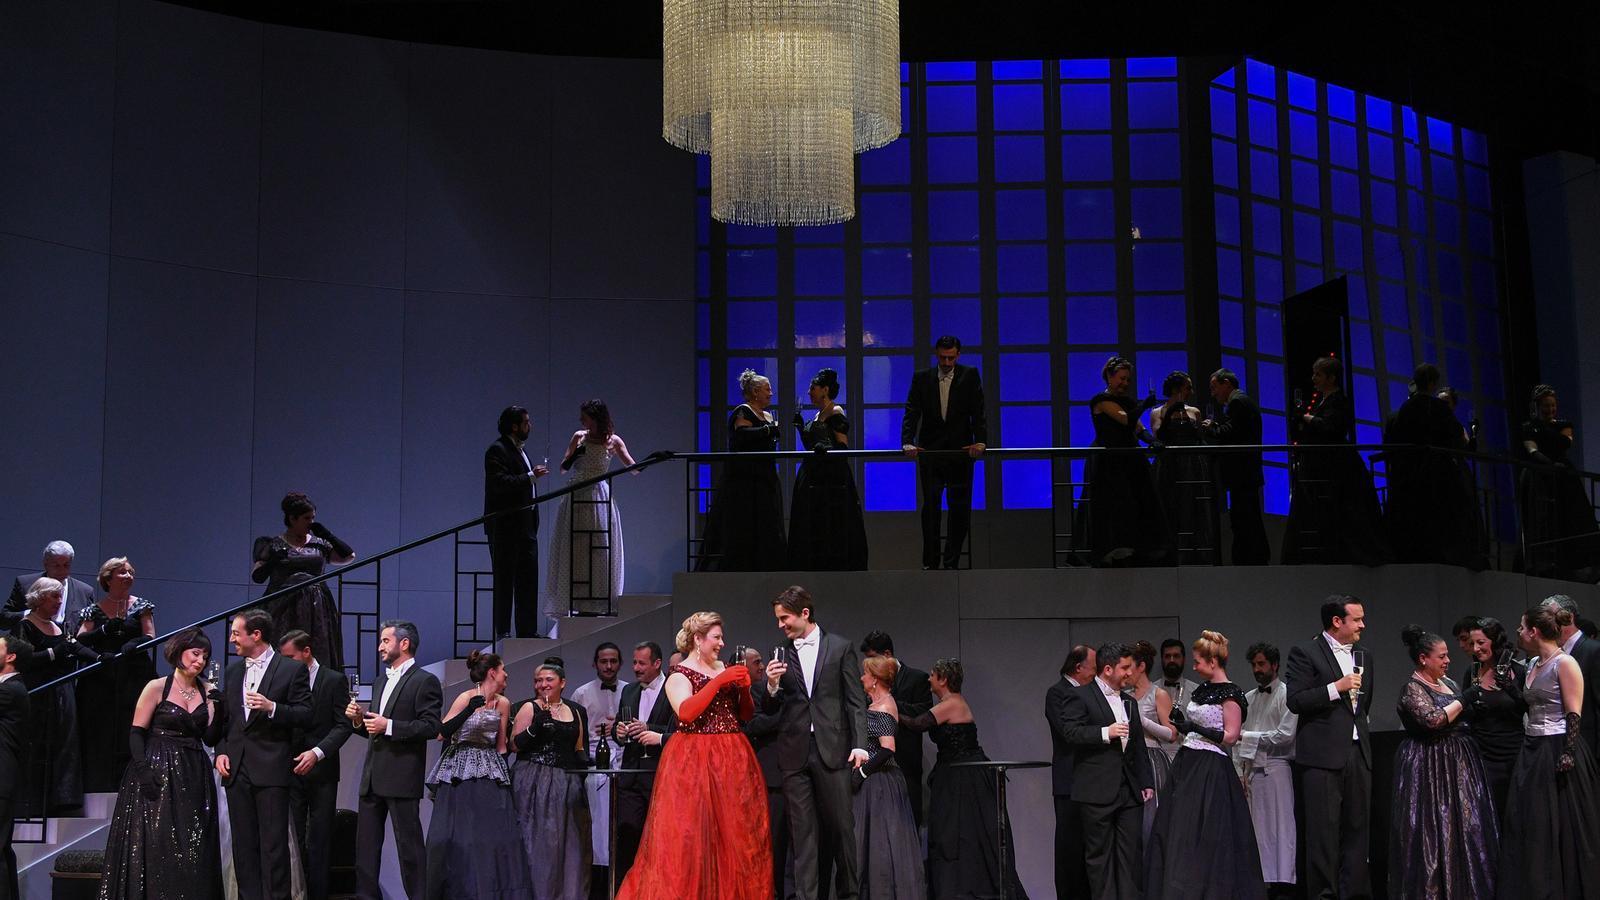 Un moment de l'assaig general de 'La Traviata' a La Faràndula.